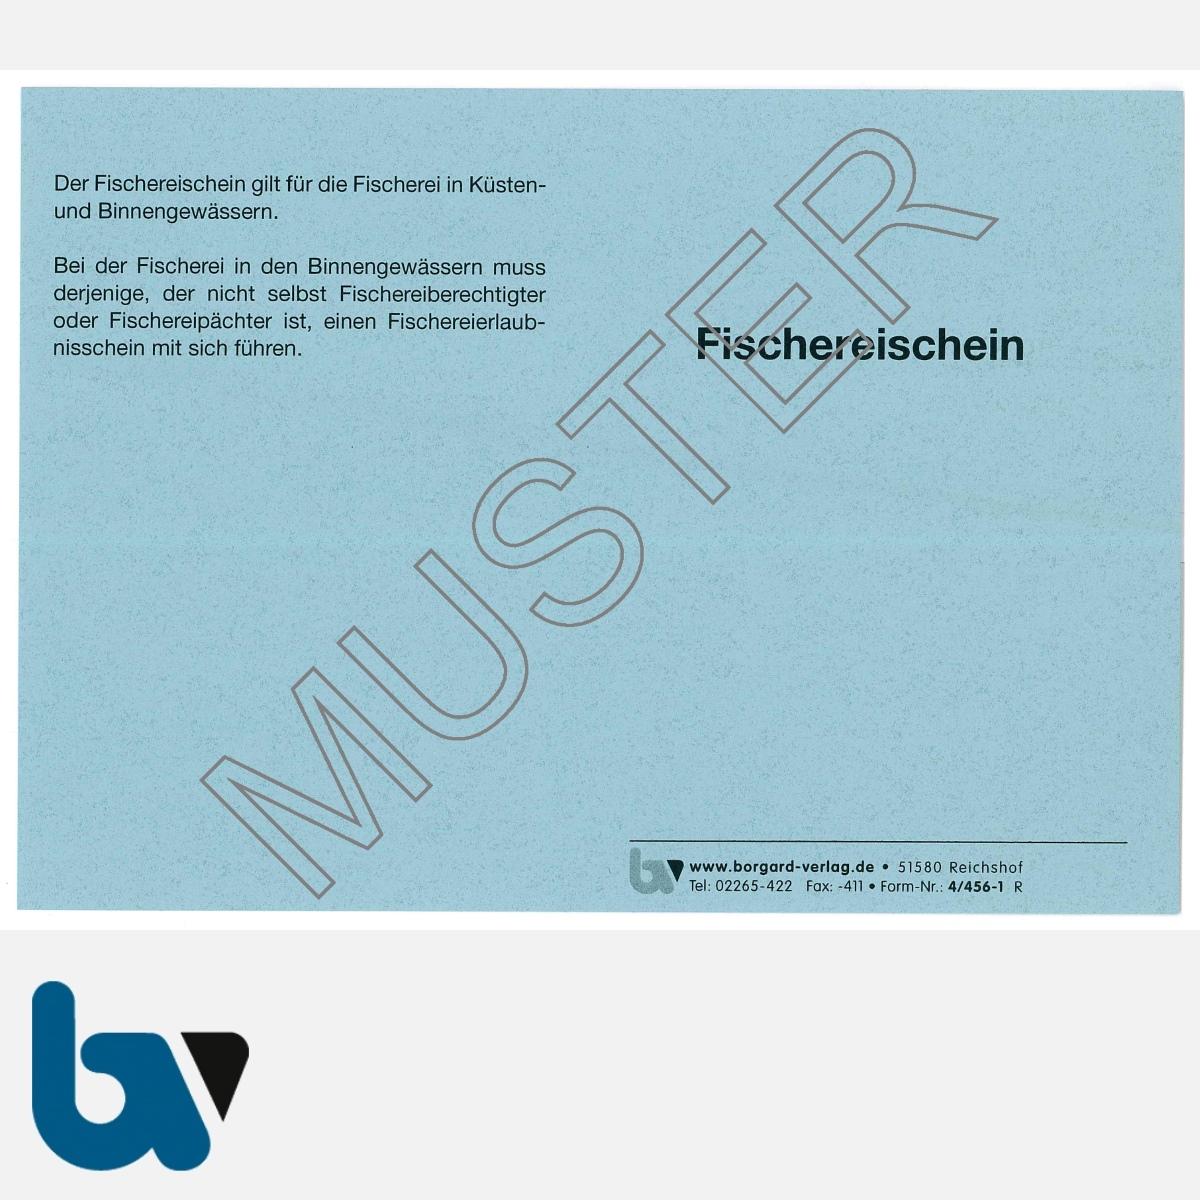 4/456-1 Fischereischein Niedersachsen blau Neobond Muster VS | Borgard Verlag GmbH